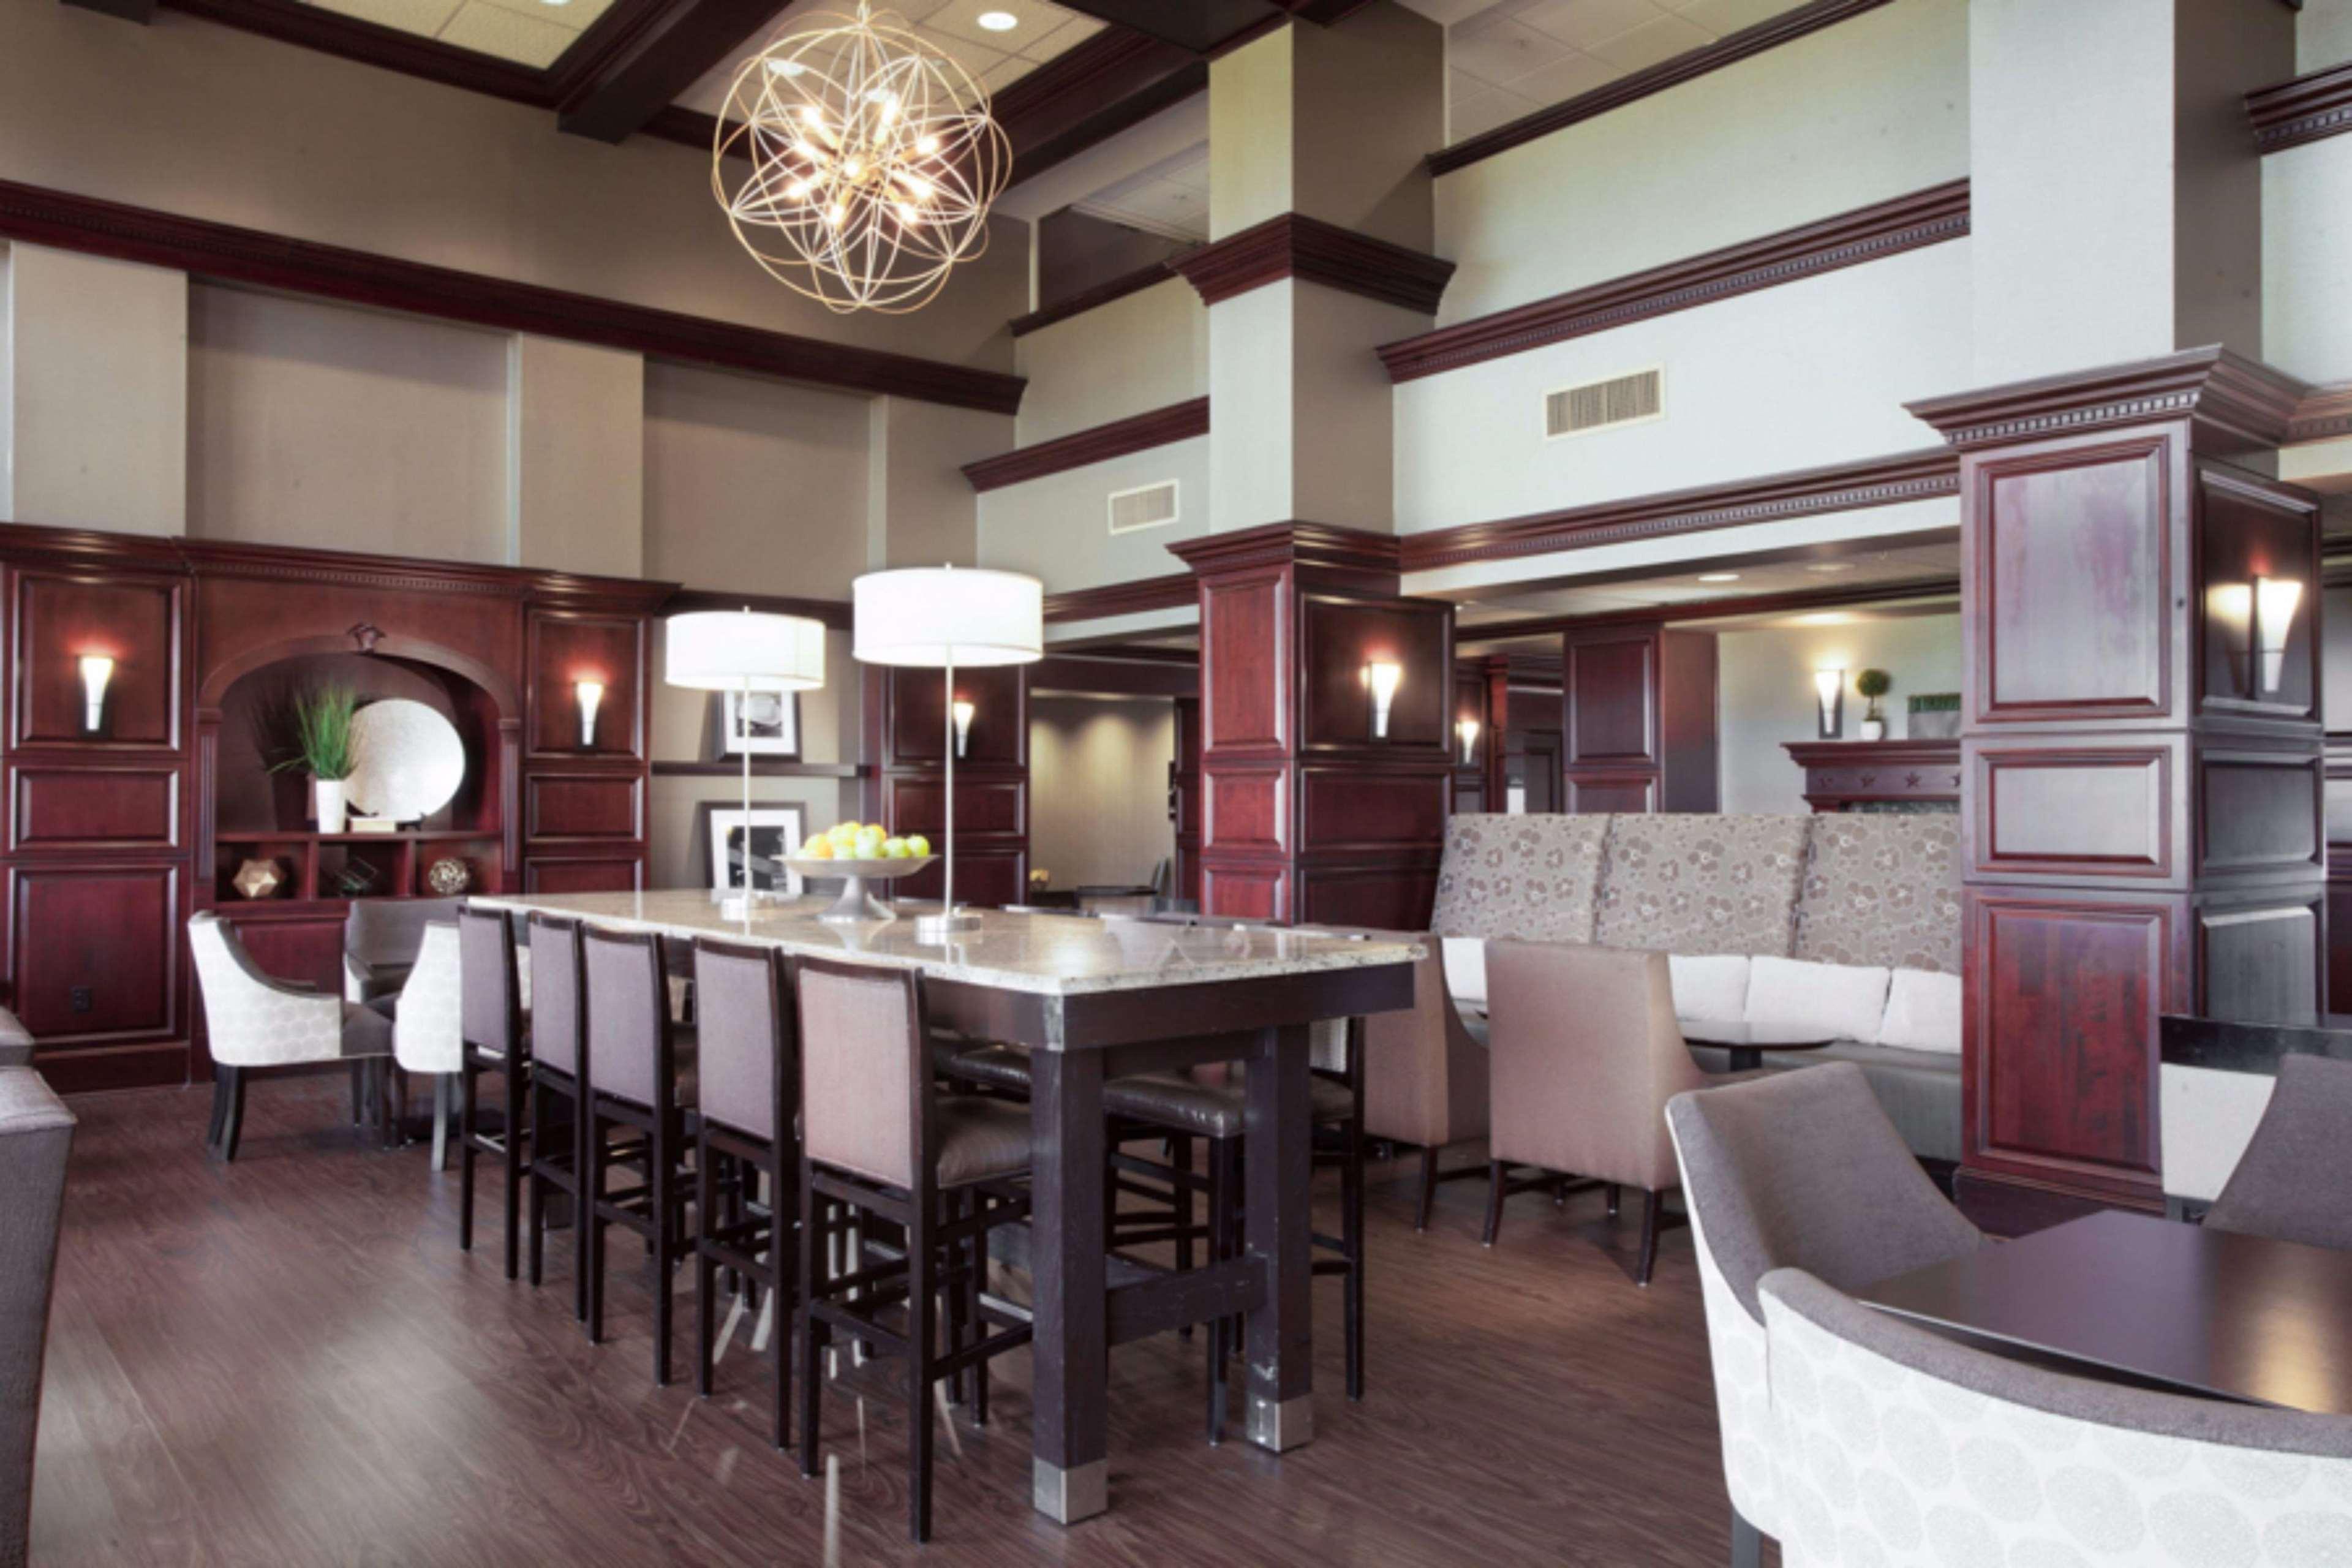 Hampton Inn & Suites Dallas-DFW Airport North-Grapevine in Grapevine, TX, photo #7